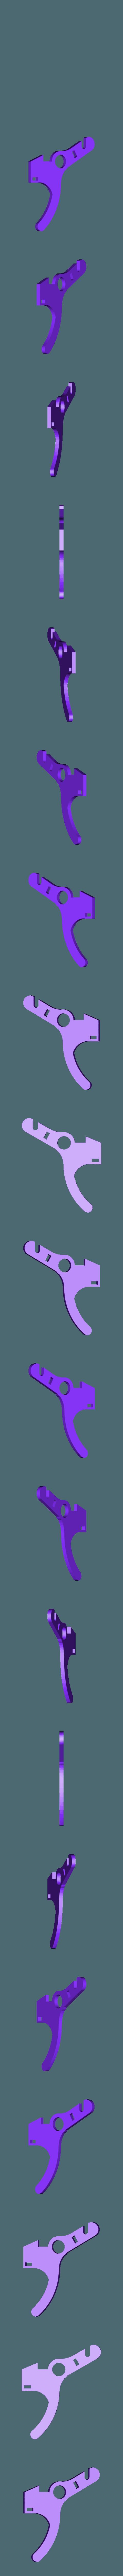 Trigger.STL Télécharger fichier STL gratuit Mini arbalète • Modèle à imprimer en 3D, 3D_Cre8or